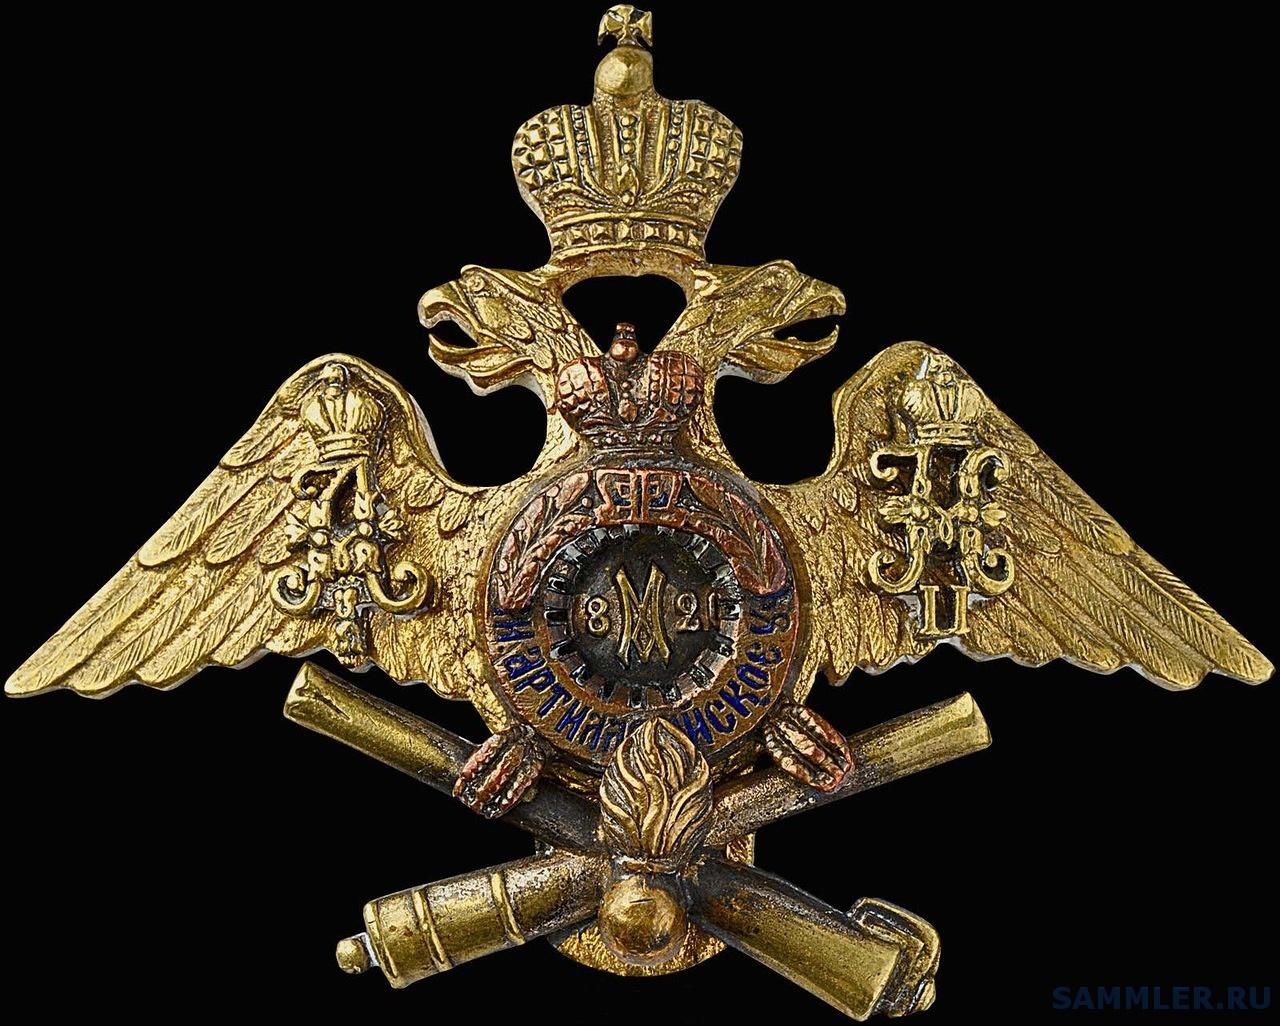 01__Знак выпускника Михайловского Артиллерийского училища (с 1911-го года)_.jpg